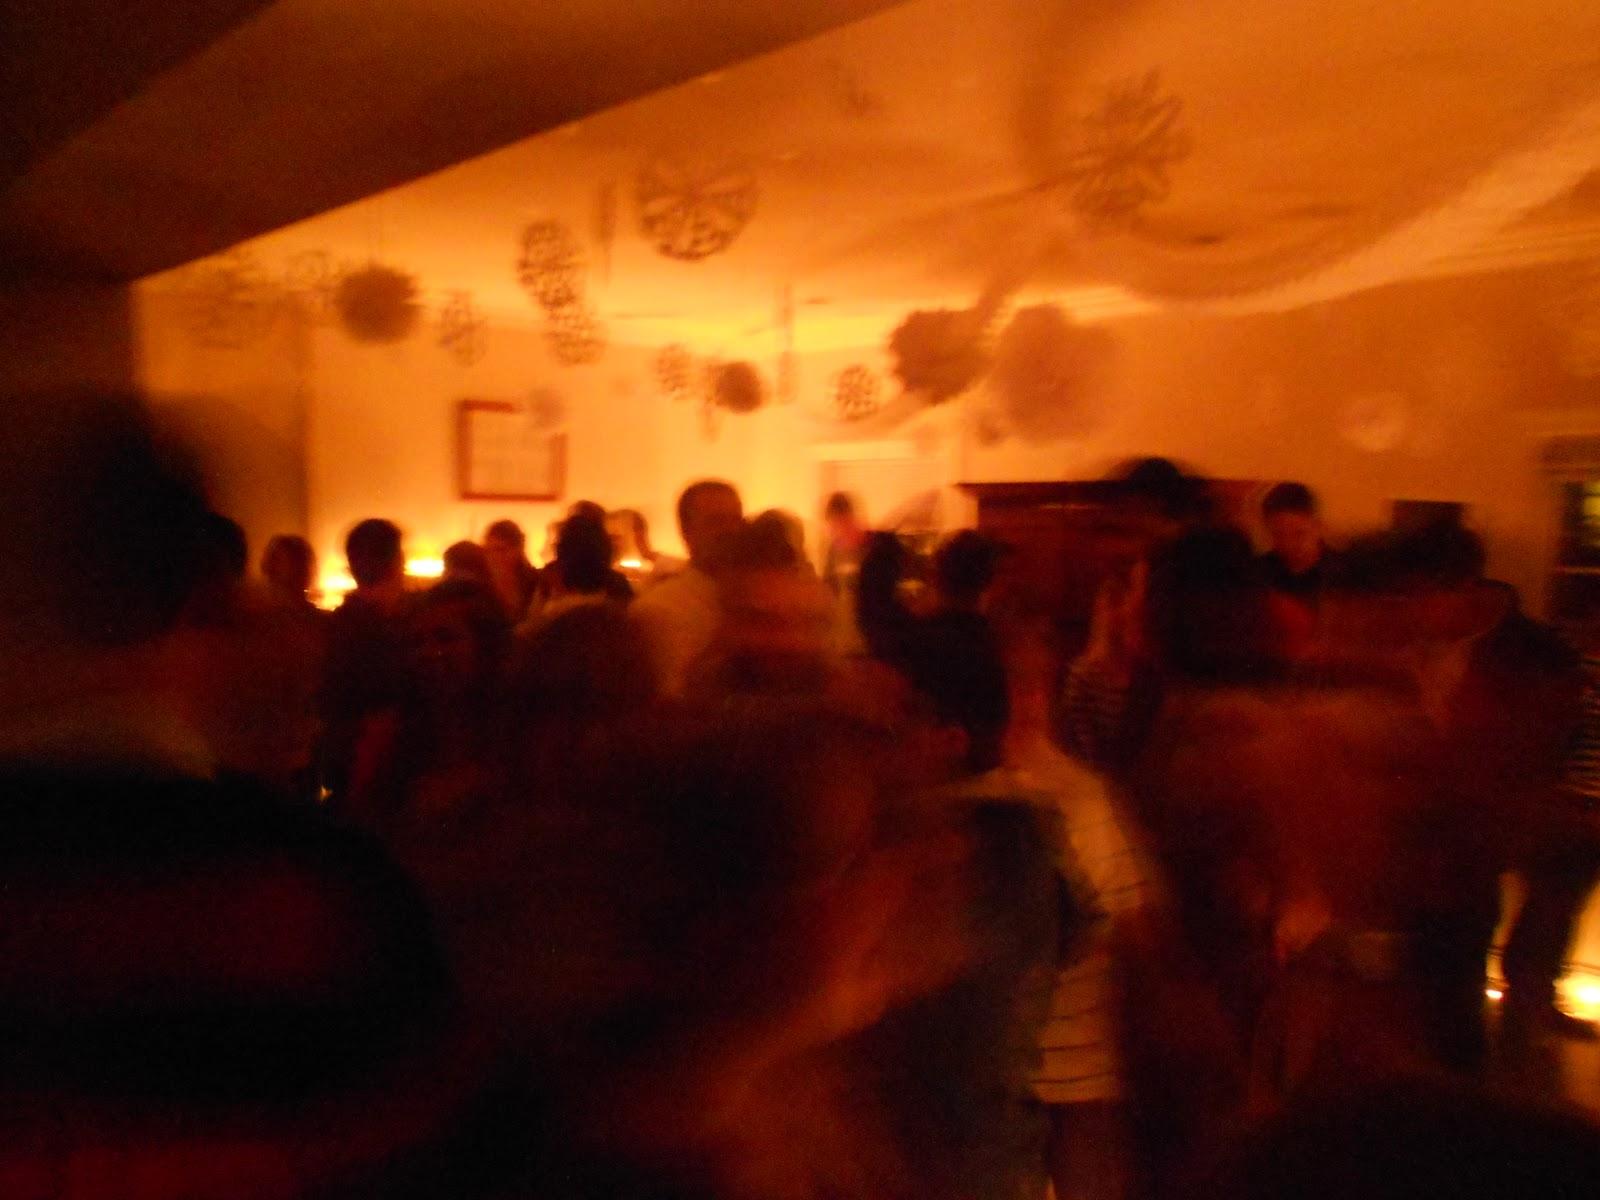 http://1.bp.blogspot.com/-jk_CX80xFOg/TwuhYZepa8I/AAAAAAACCYM/8kRyS3LczZk/s1600/Slowdance+06.JPG